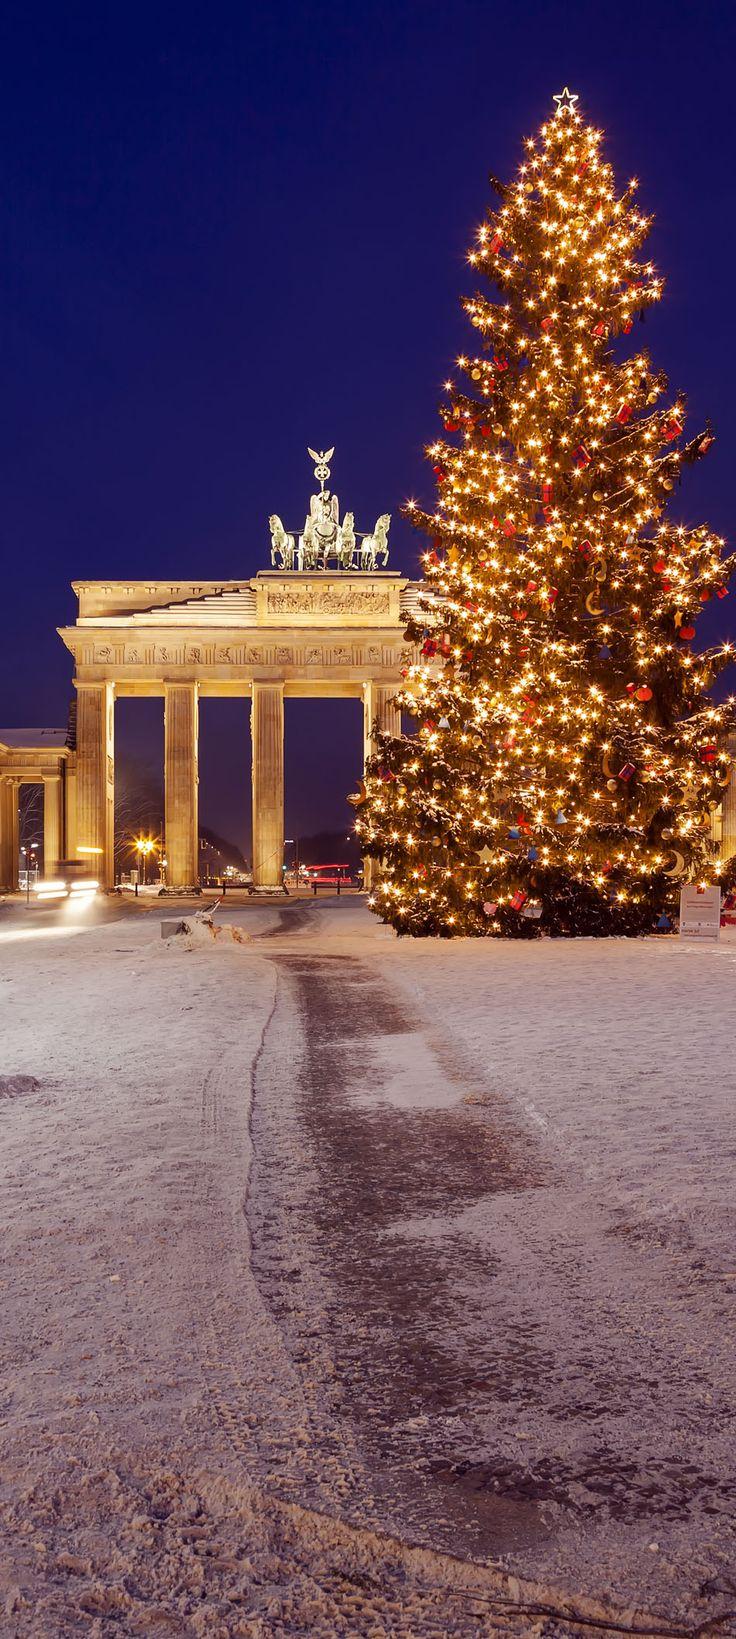 Puerta de Brandenburgo en invierno, Berlín (Alemania)  